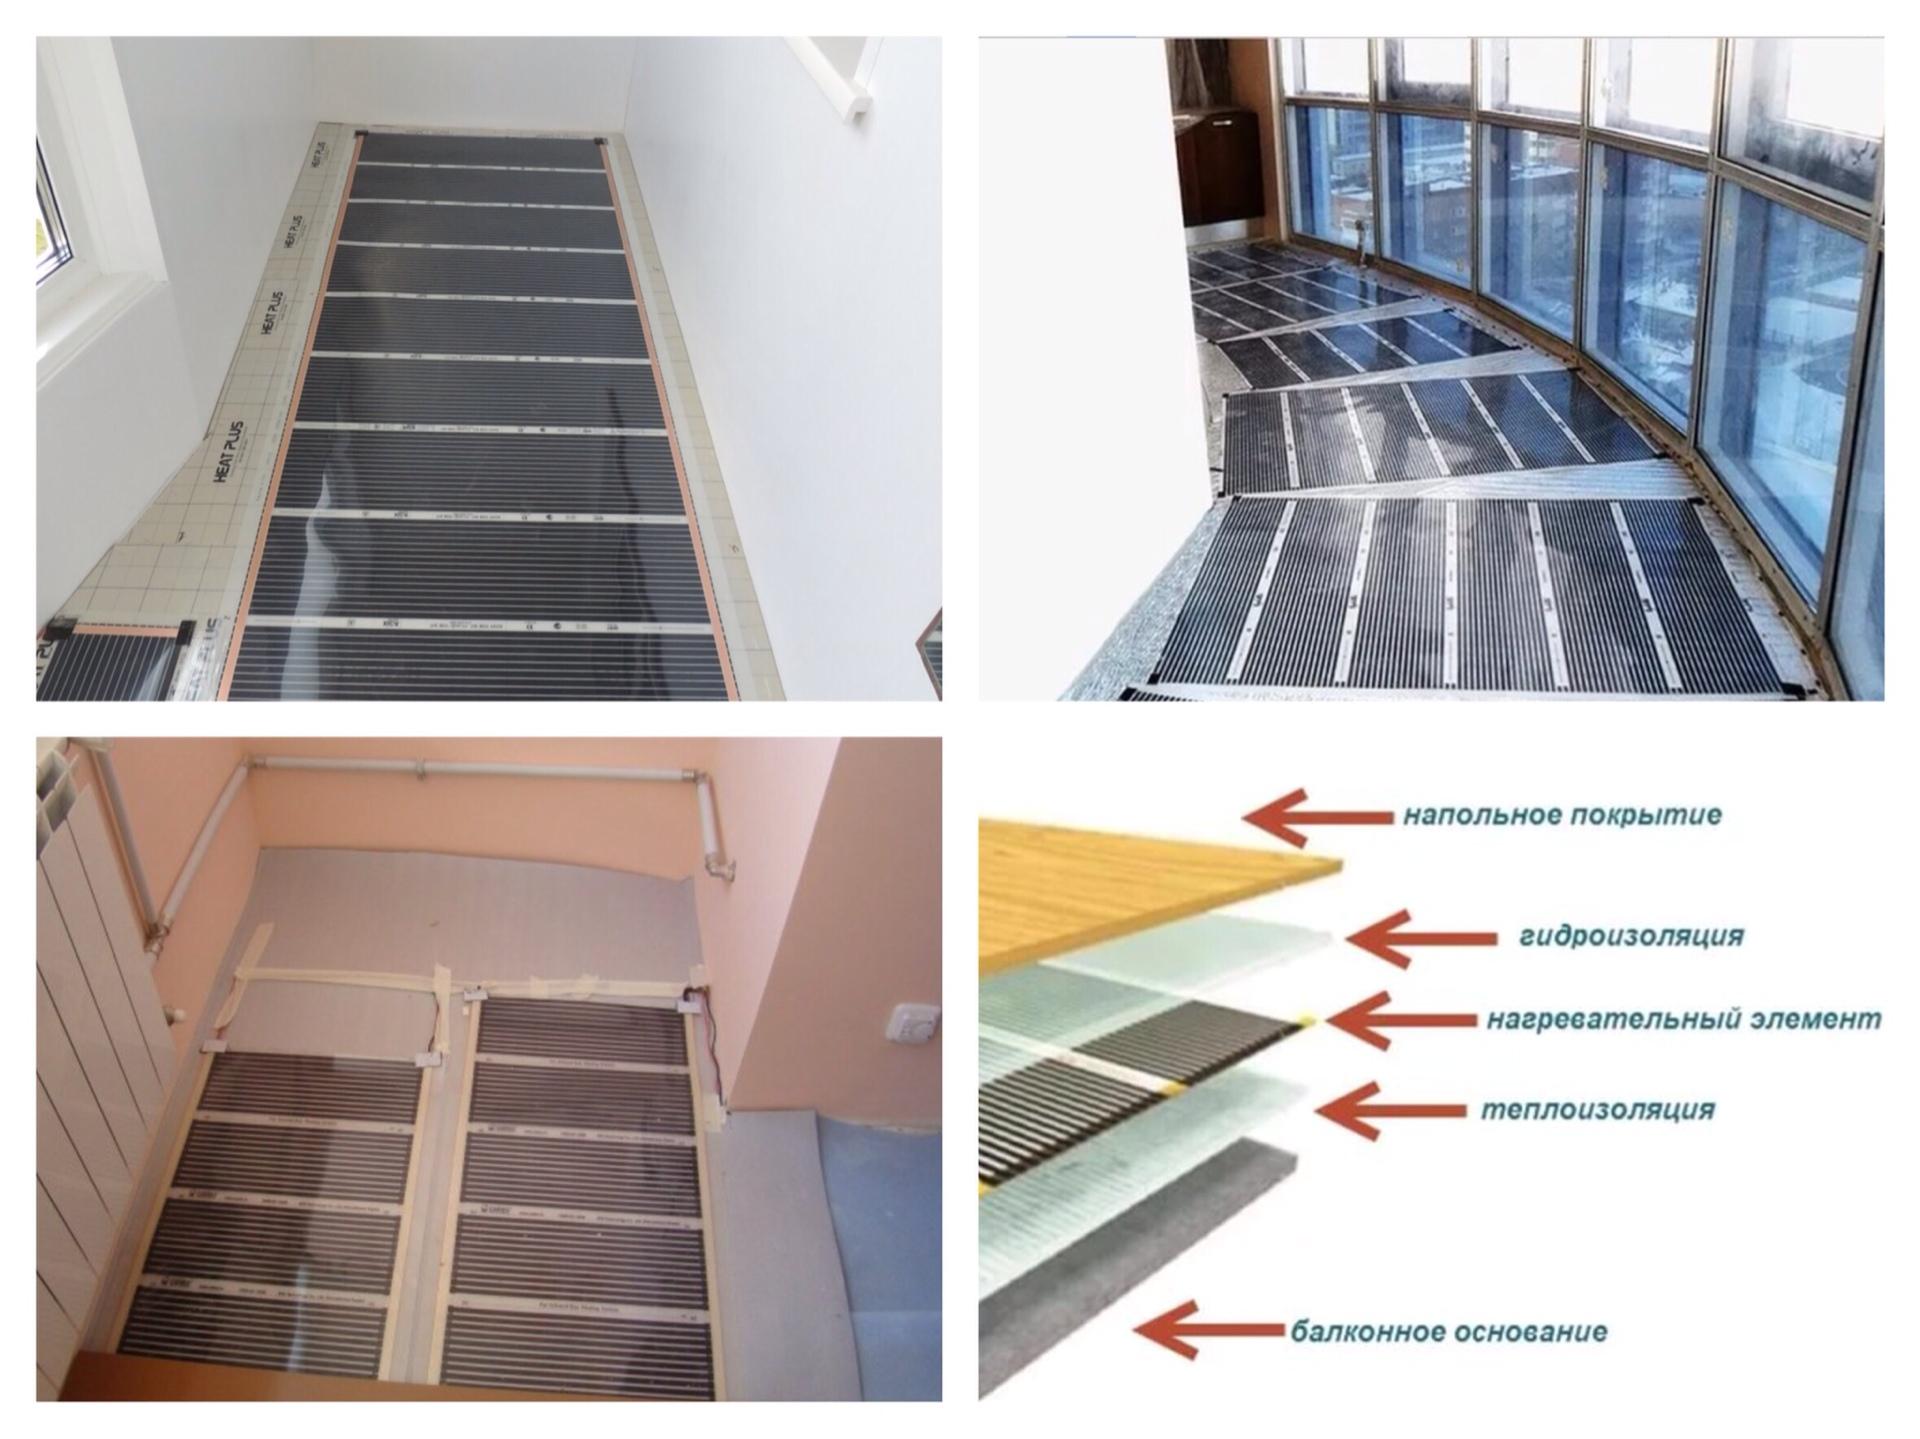 Как сделать пол на балконе и лоджии: с утеплением подогревом и без